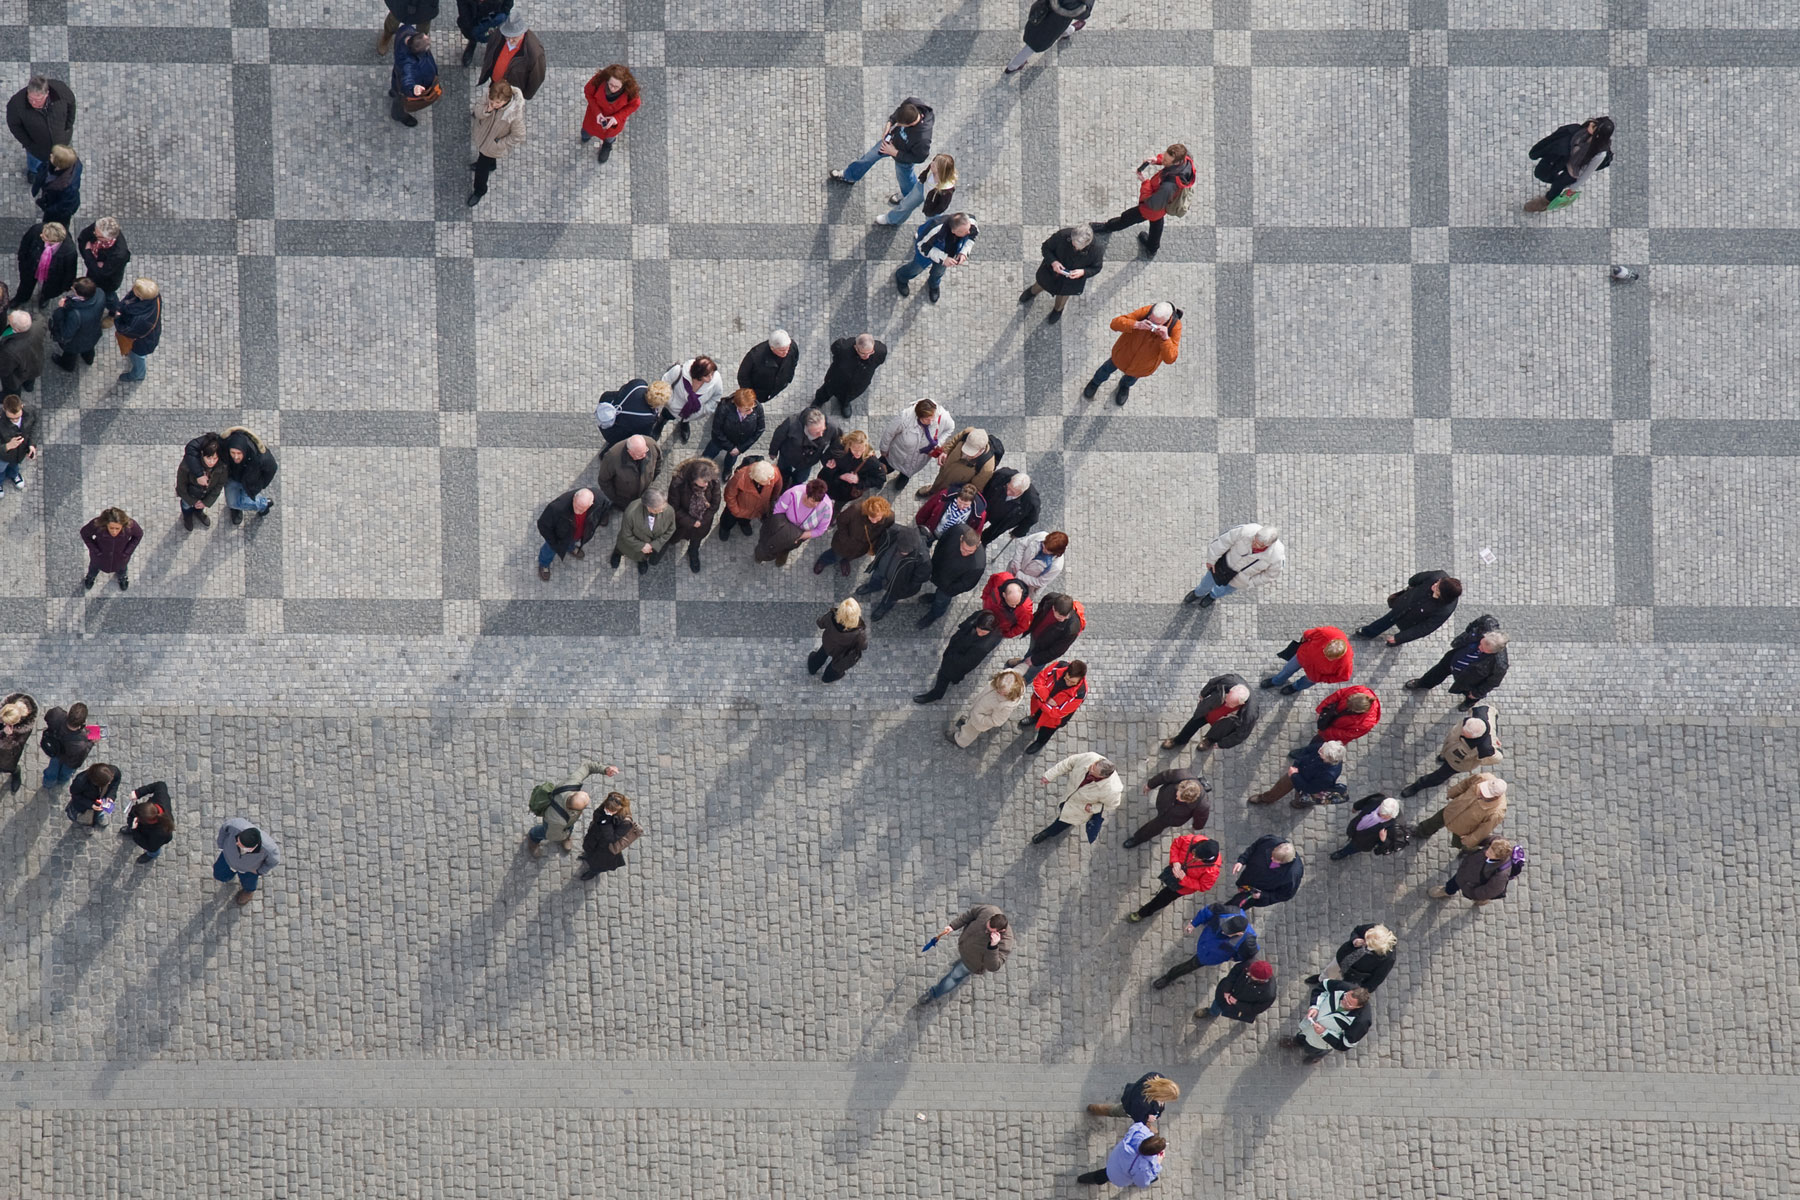 DPR bruxelloise – Le MR dénonce l'opacité budgétaire et exige la transparence pour les bruxellois